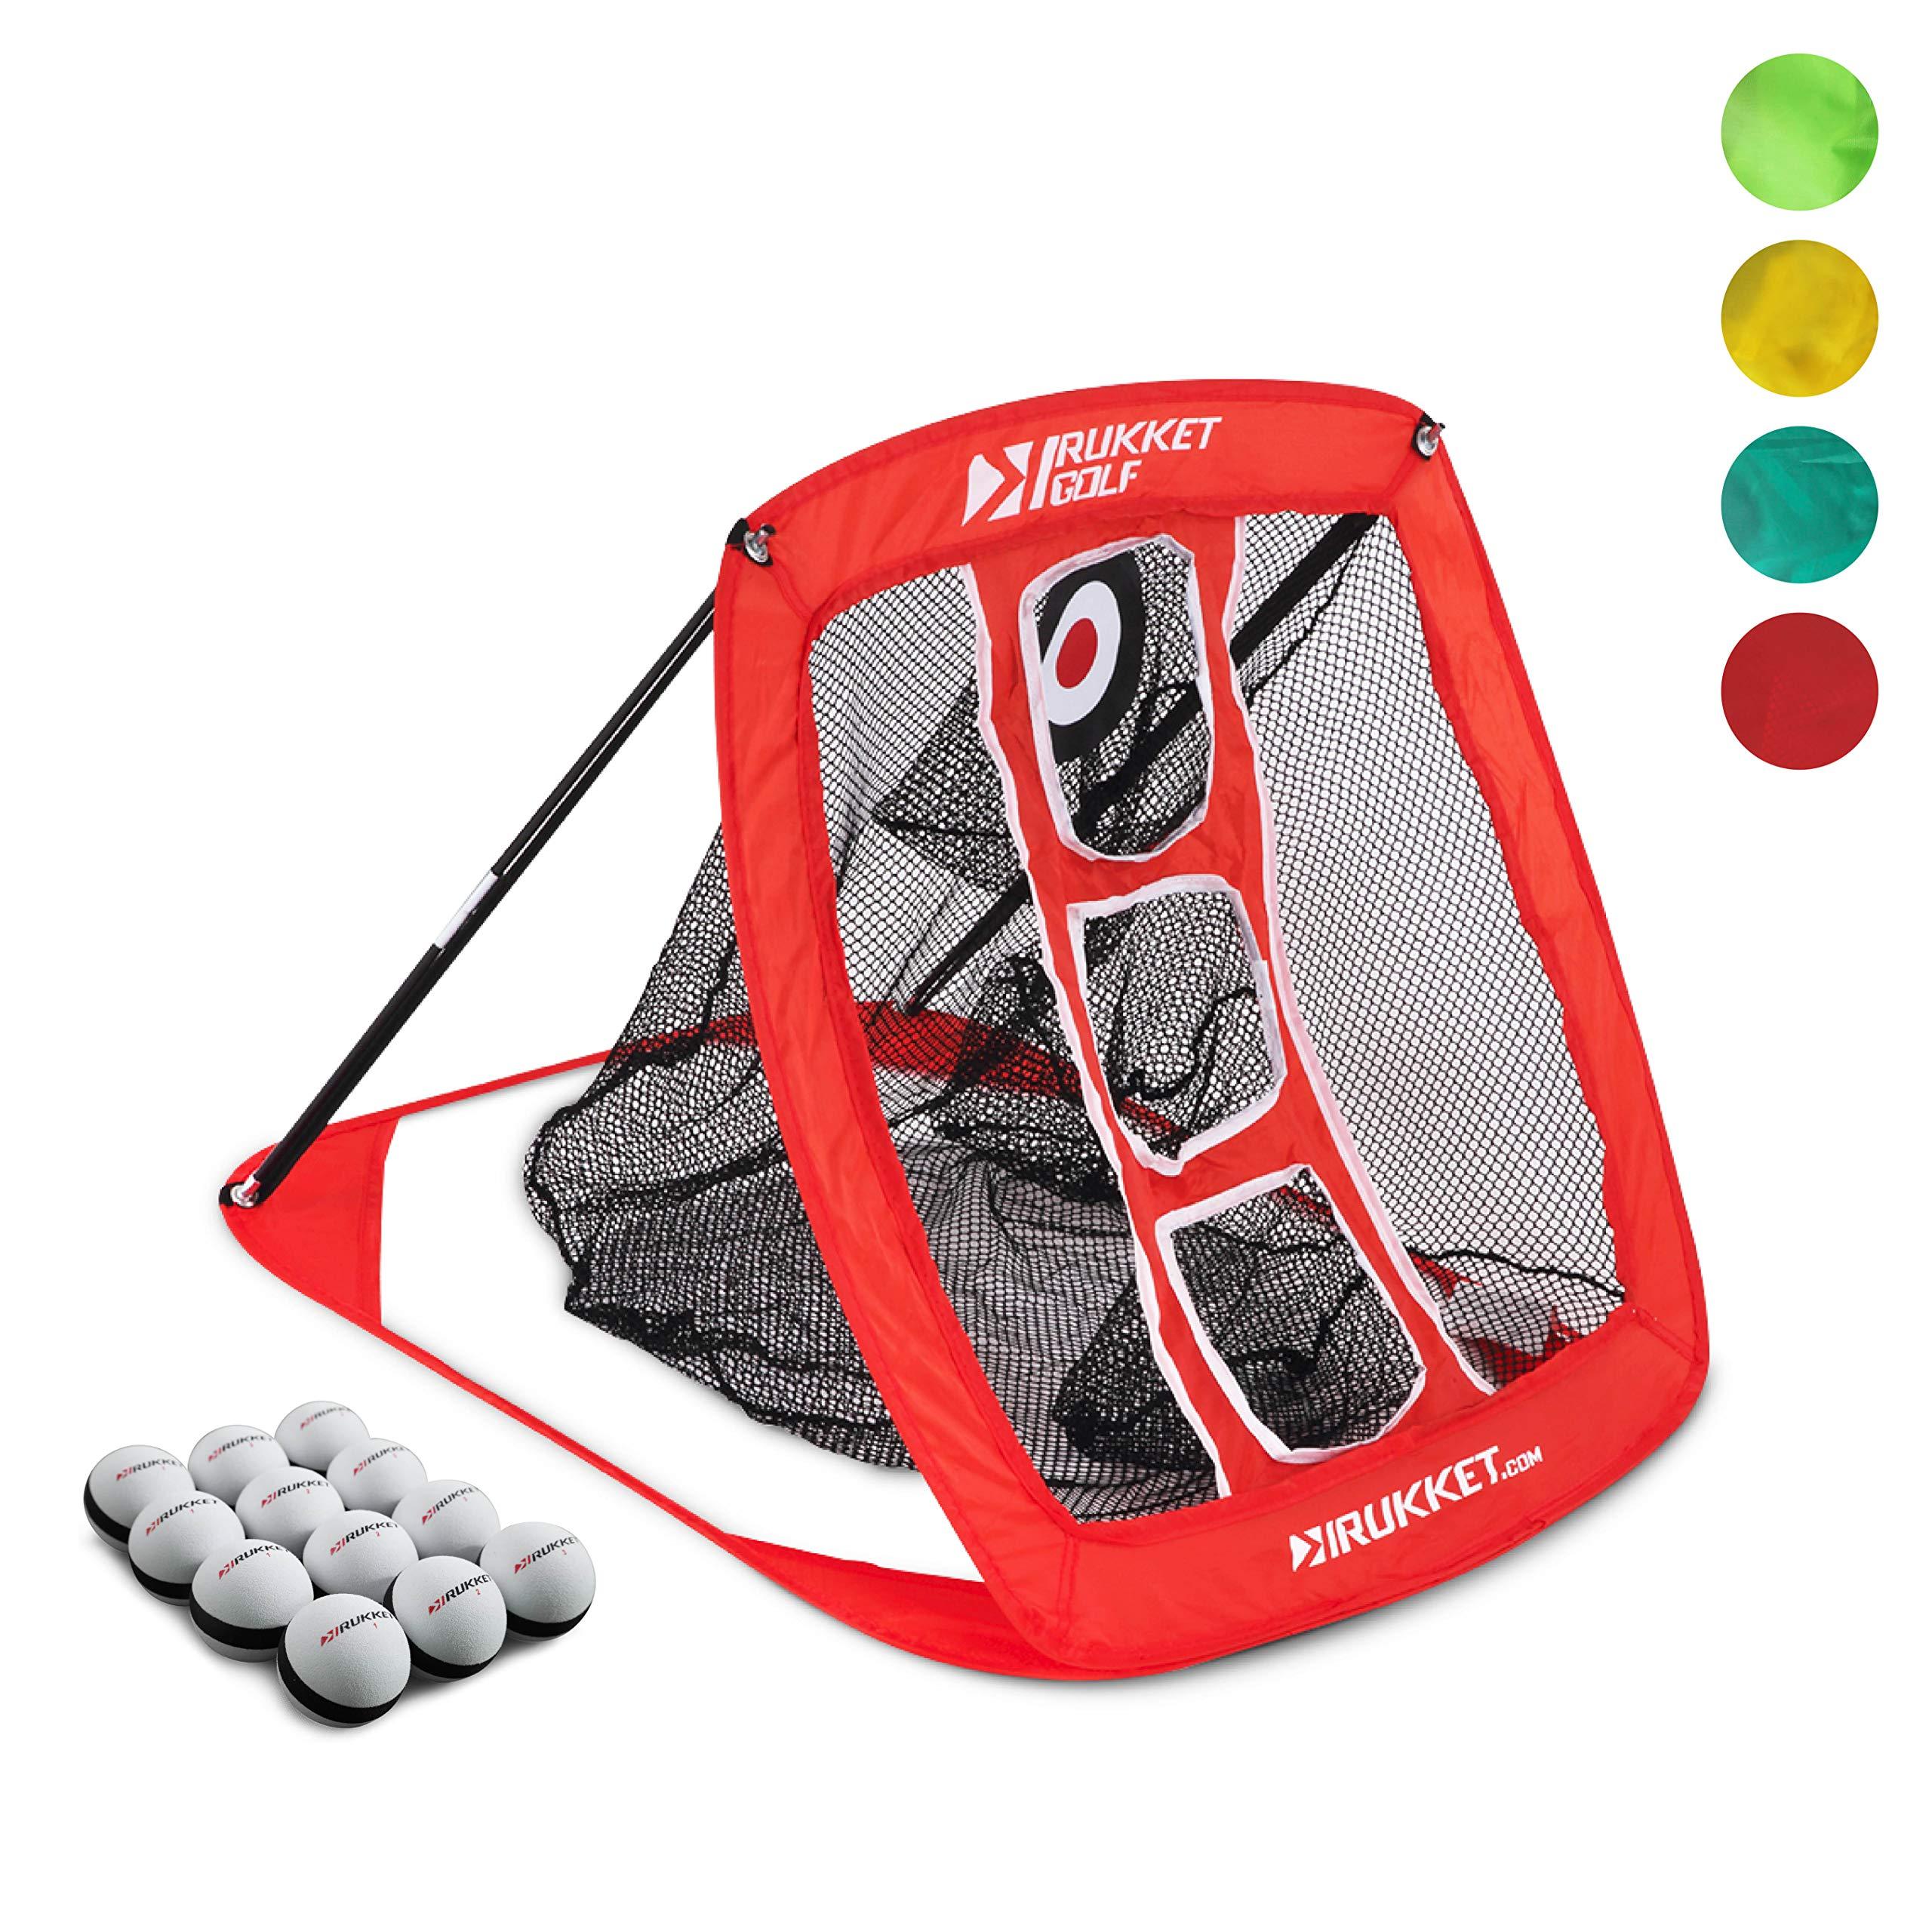 Rukket Pop Up Golf Chipping Net | Outdoor / Indoor Golfing Target Accessories and Backyard Practice Swing Game | Includes 12 Foam Practice Balls by Rukket Sports